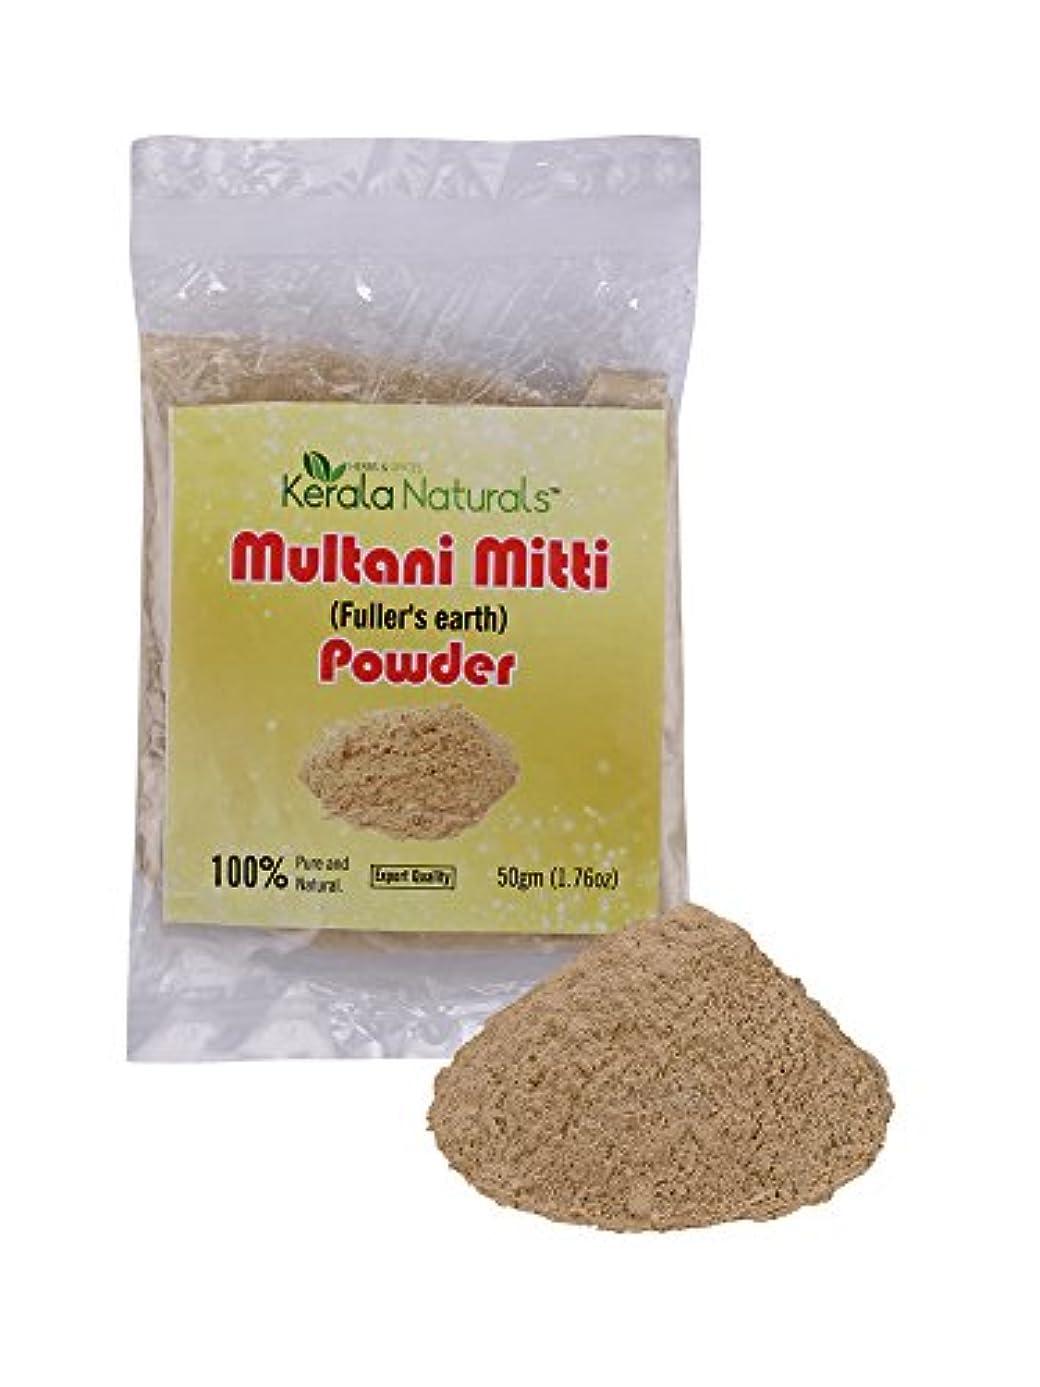 参加するお茶爆発物Multani Mitti Powder 200gm - Anti acne & Blemishes, Glowing Skin - Multani Mittiパウダー200gm-にきび&傷、輝く肌